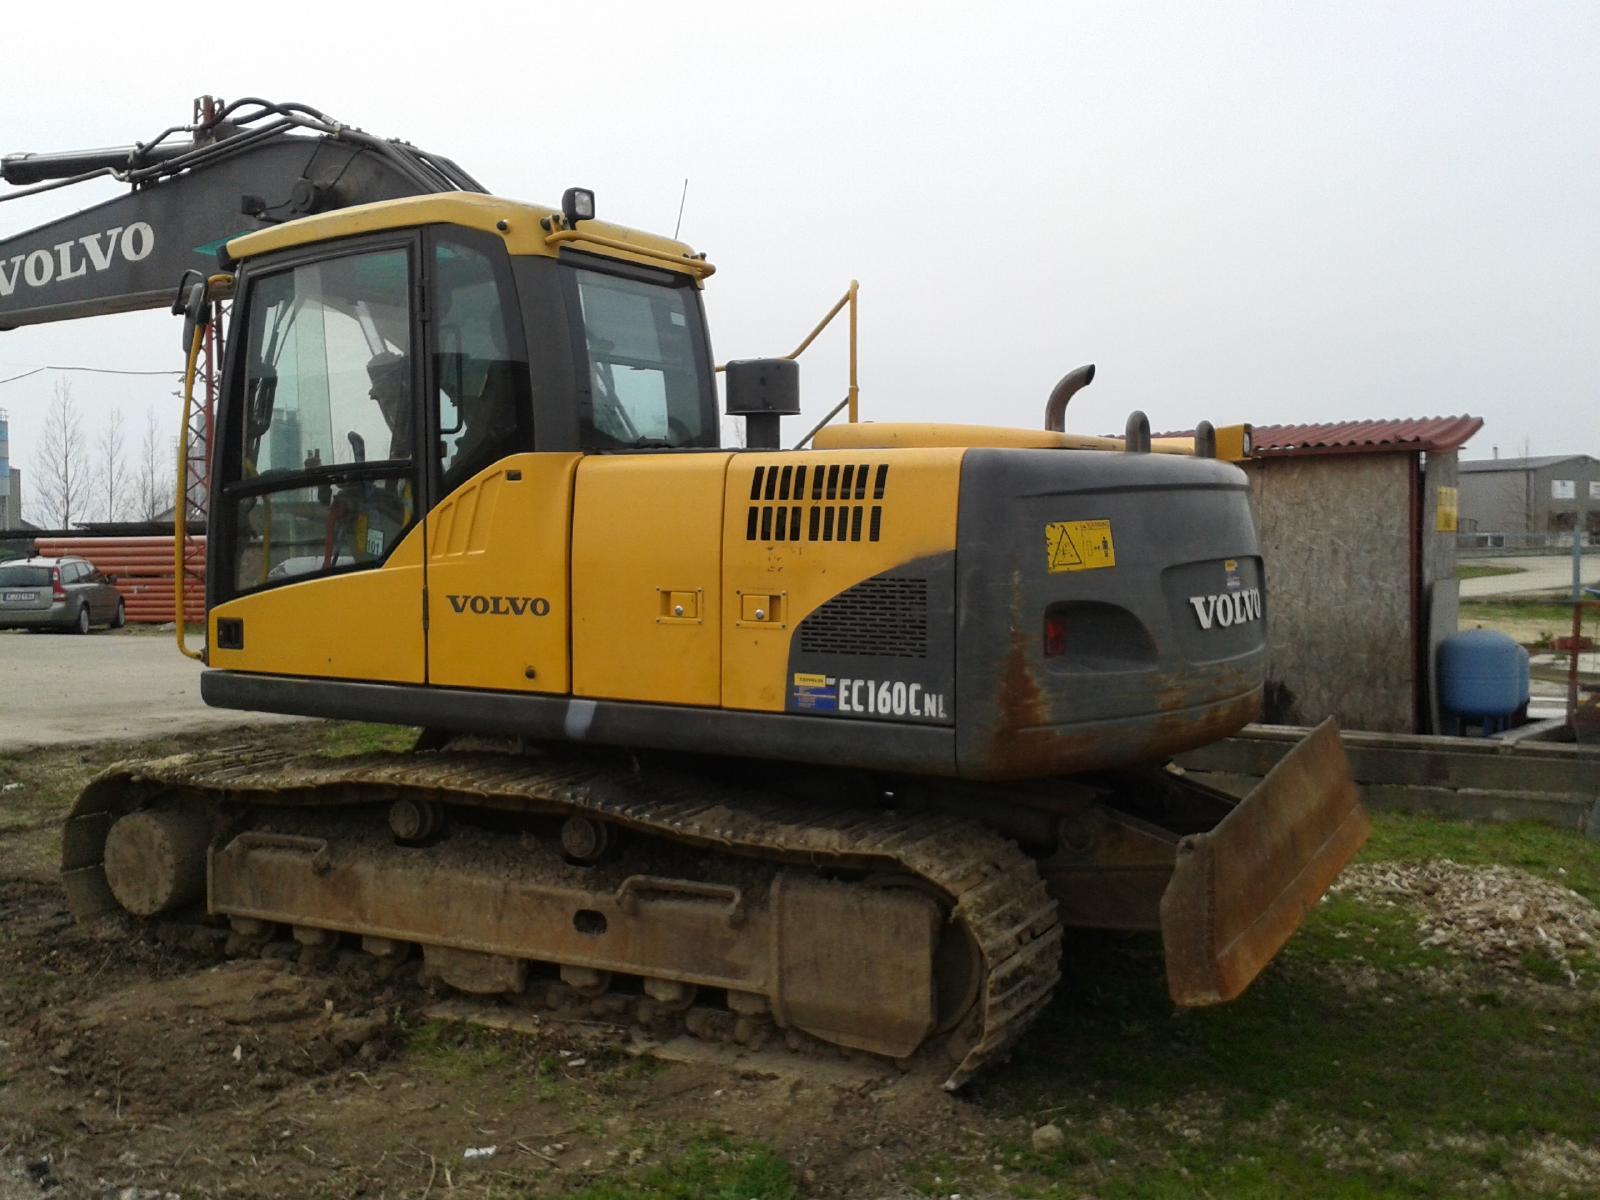 Volvo EC 160 CN Escavatore cingolato usato HU / UXMC-7896-FD